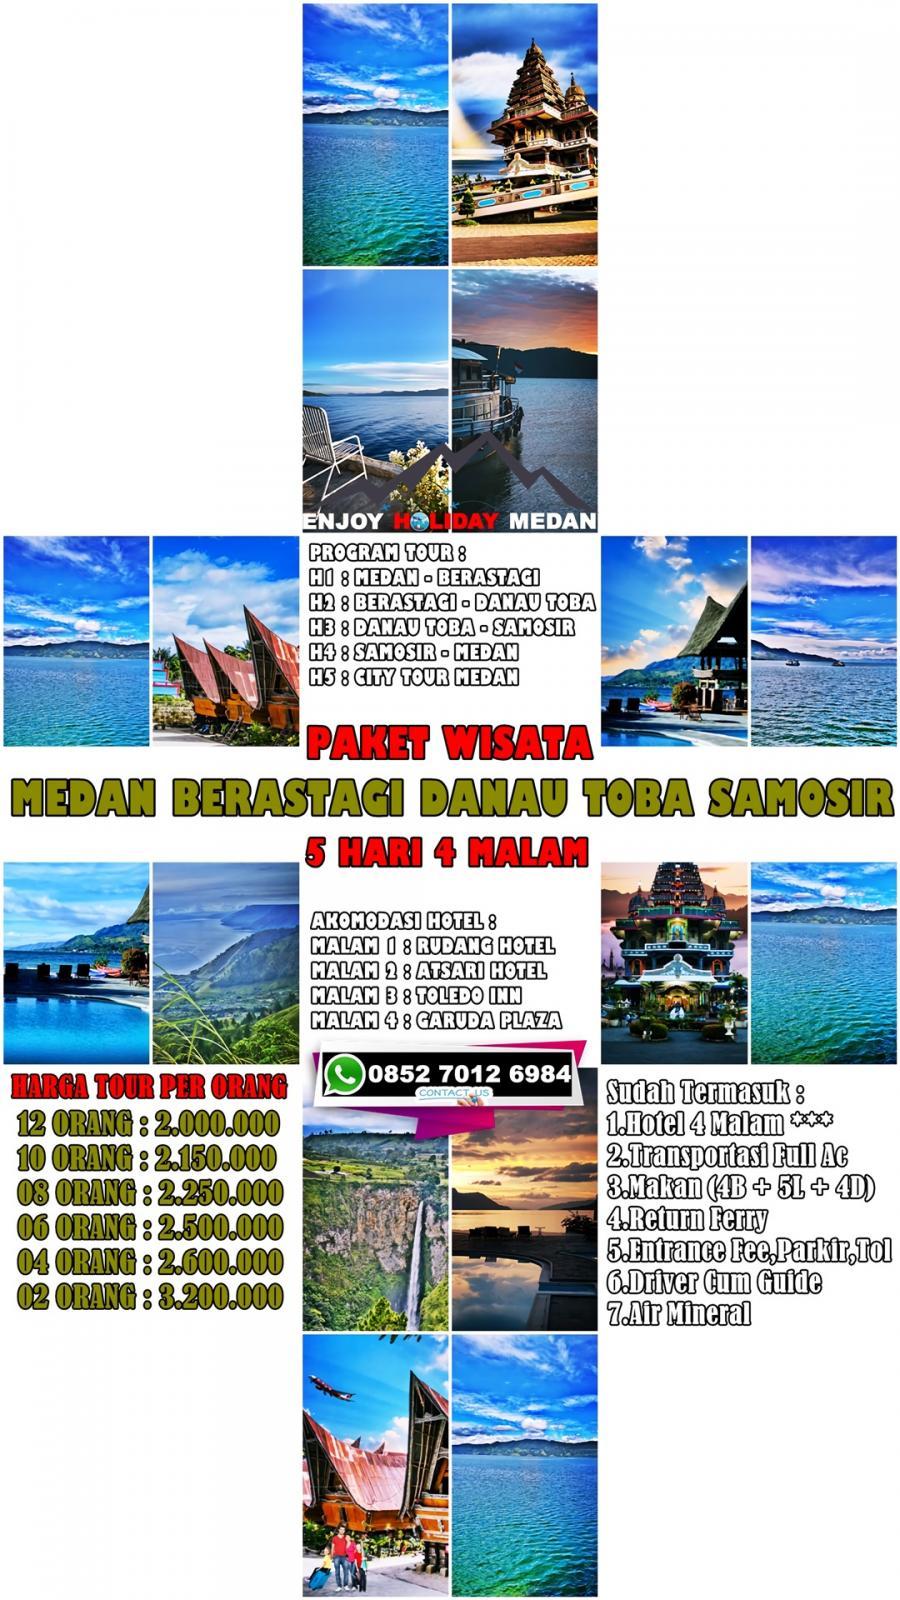 Pilgrimage Tour Medan 5 Hari 4 Malam